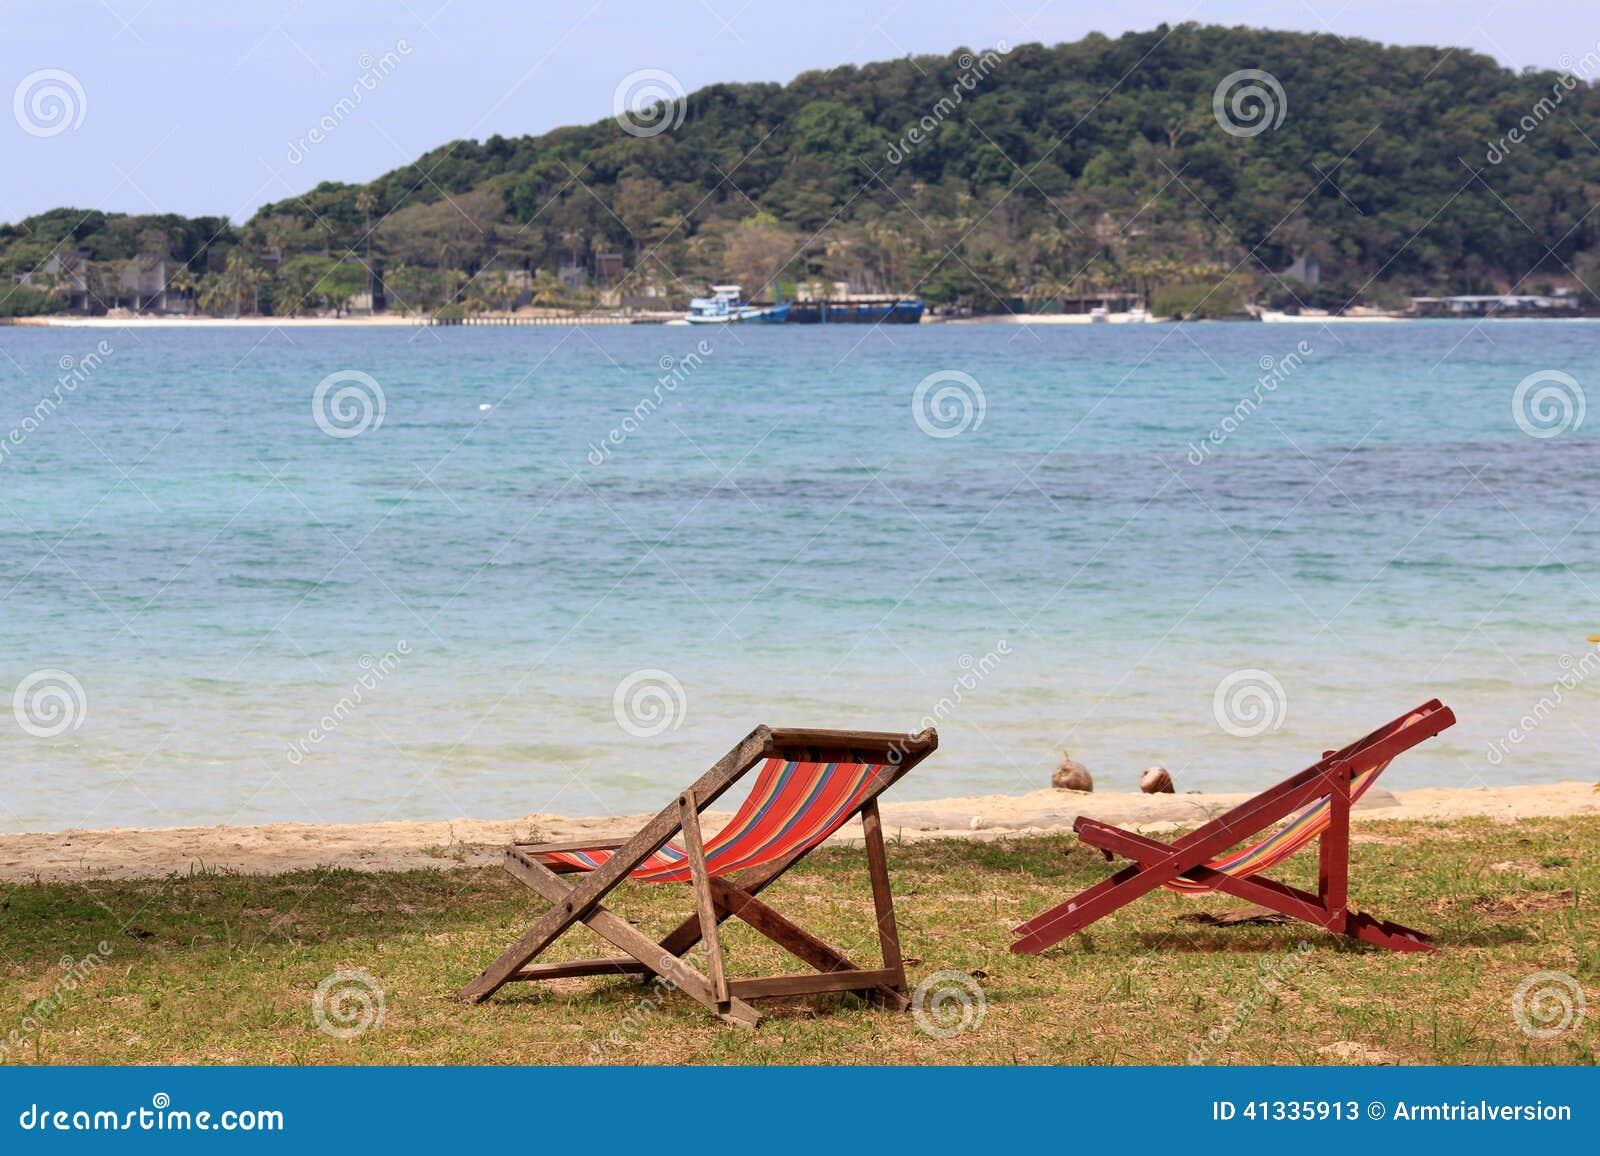 Chaise de plage sur le bord de la mer image stock image for Chaise de plage